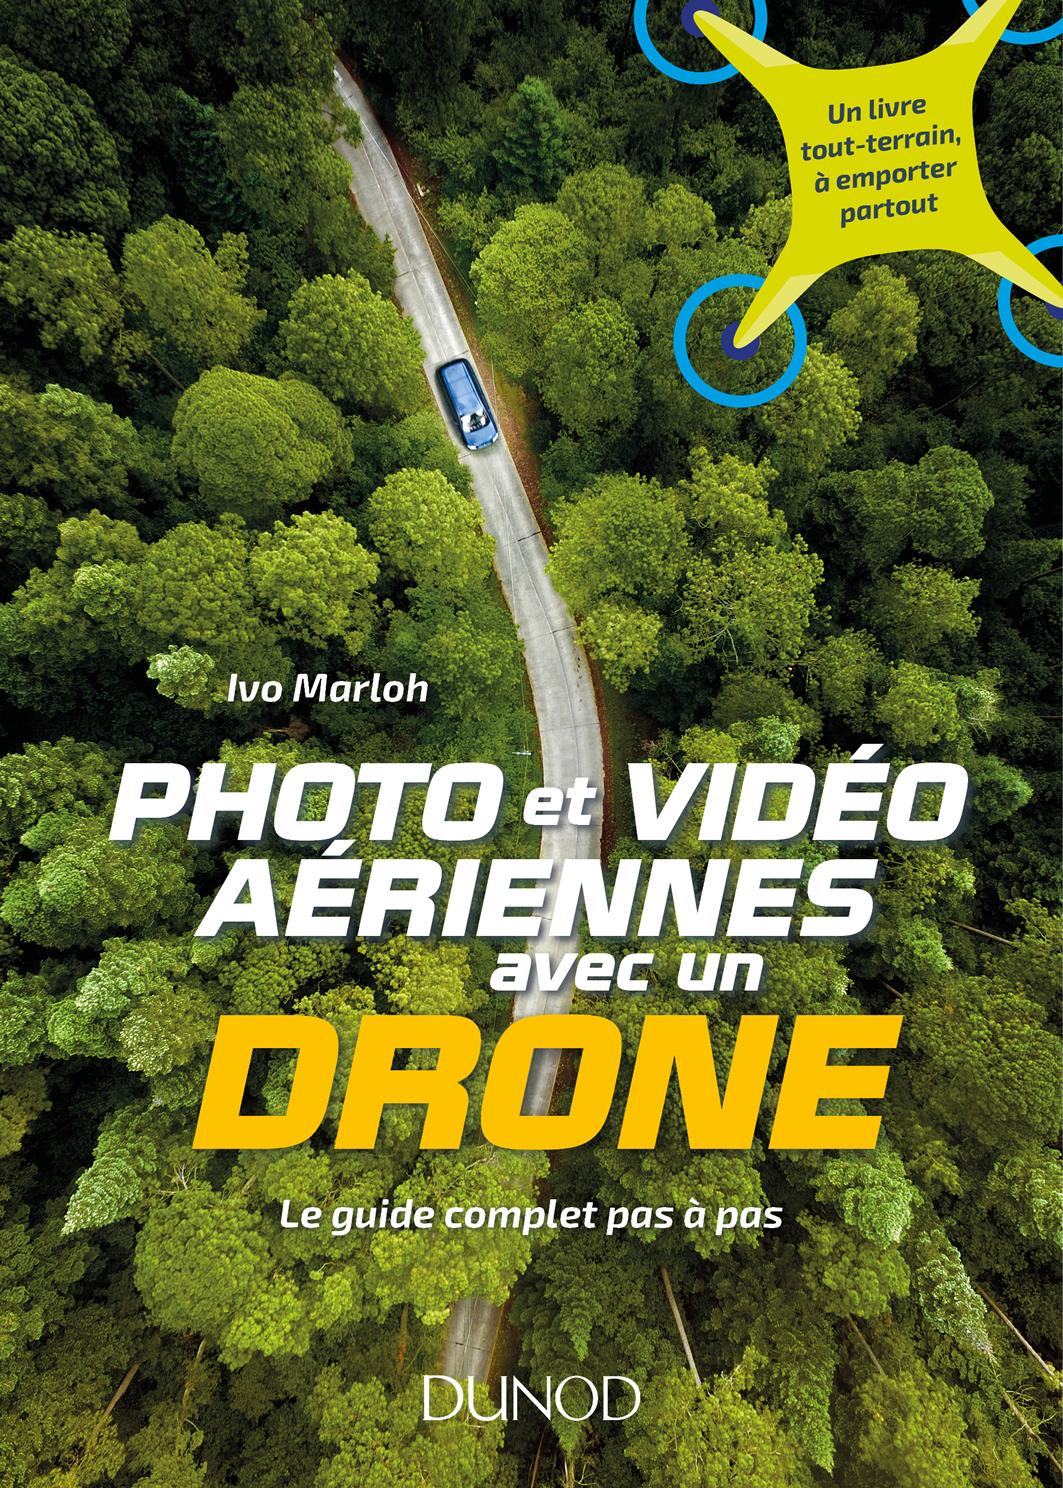 Première de couverture livre photo et vidéo aériennes avec un drone chez Dunod